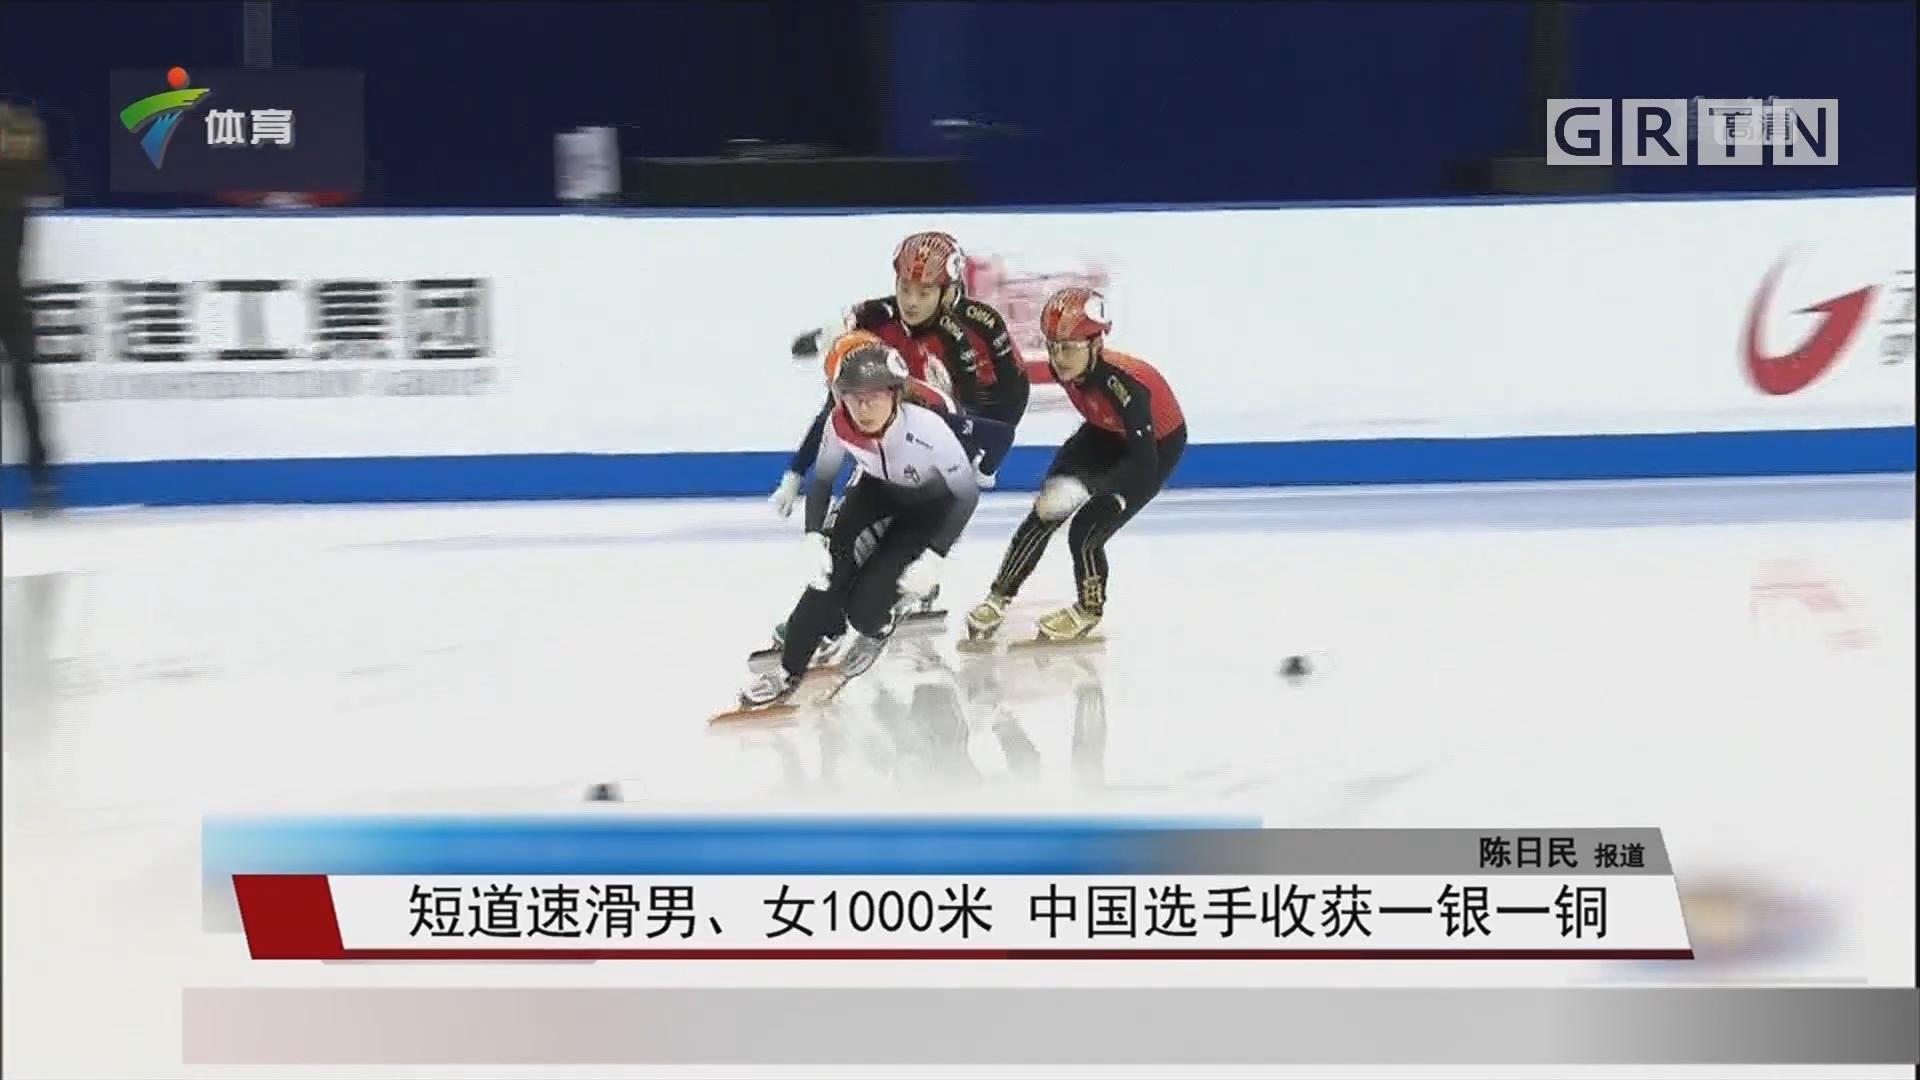 短道速滑男、女1000米 中國選手收獲一銀一銅